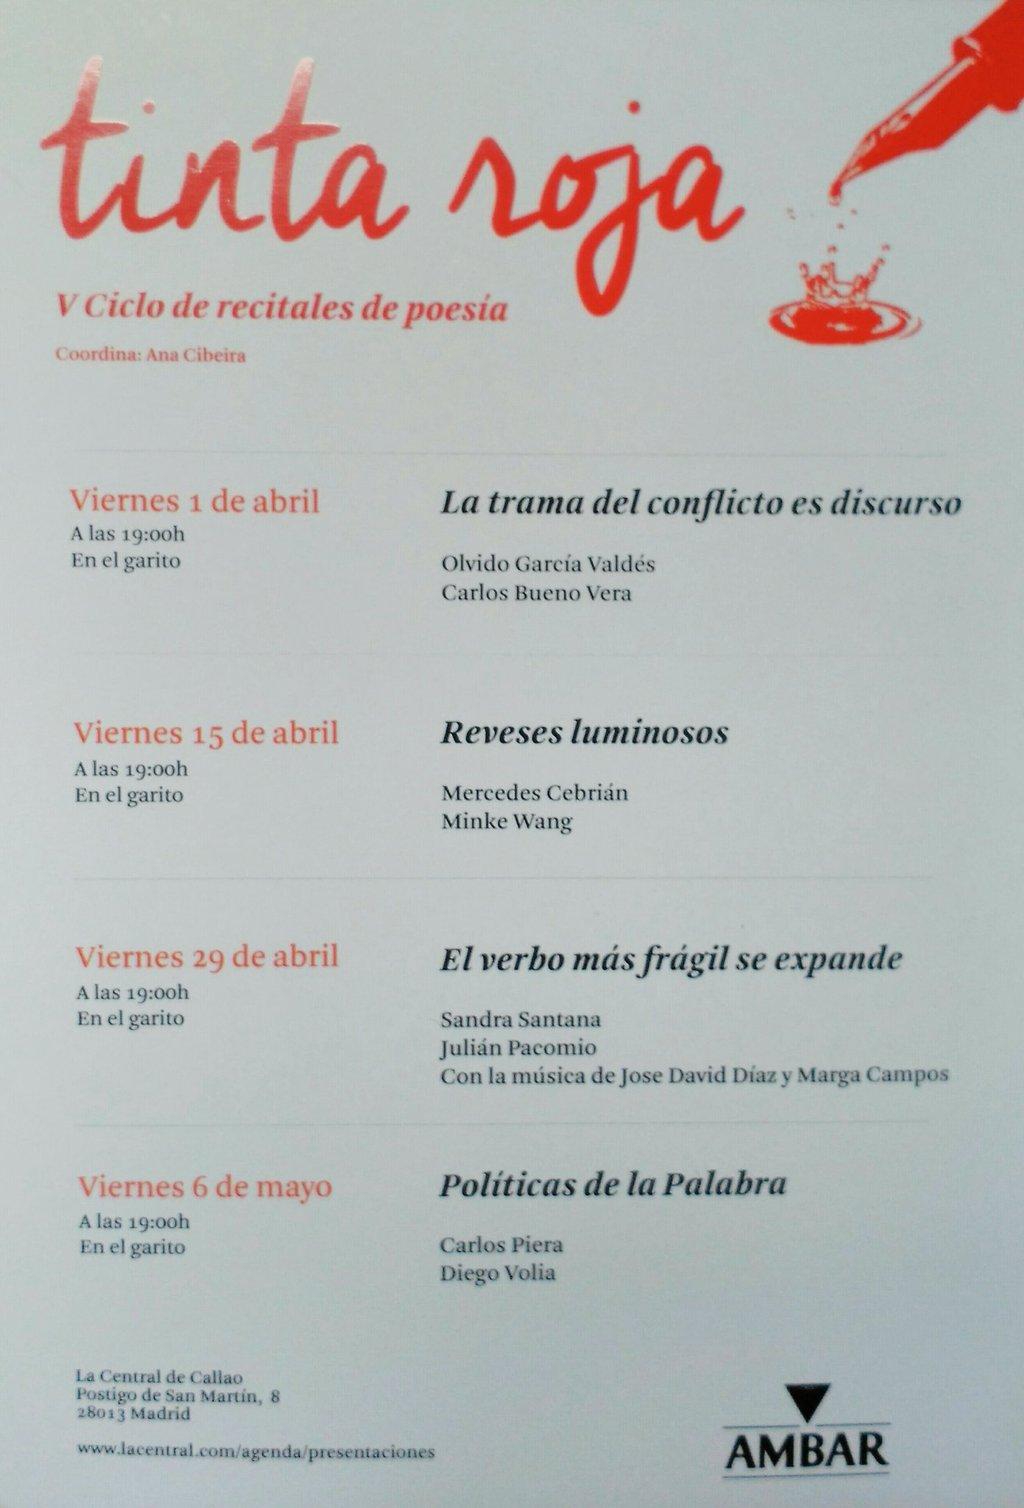 CICLO DE RECITALES TINTA ROJA V (2016)